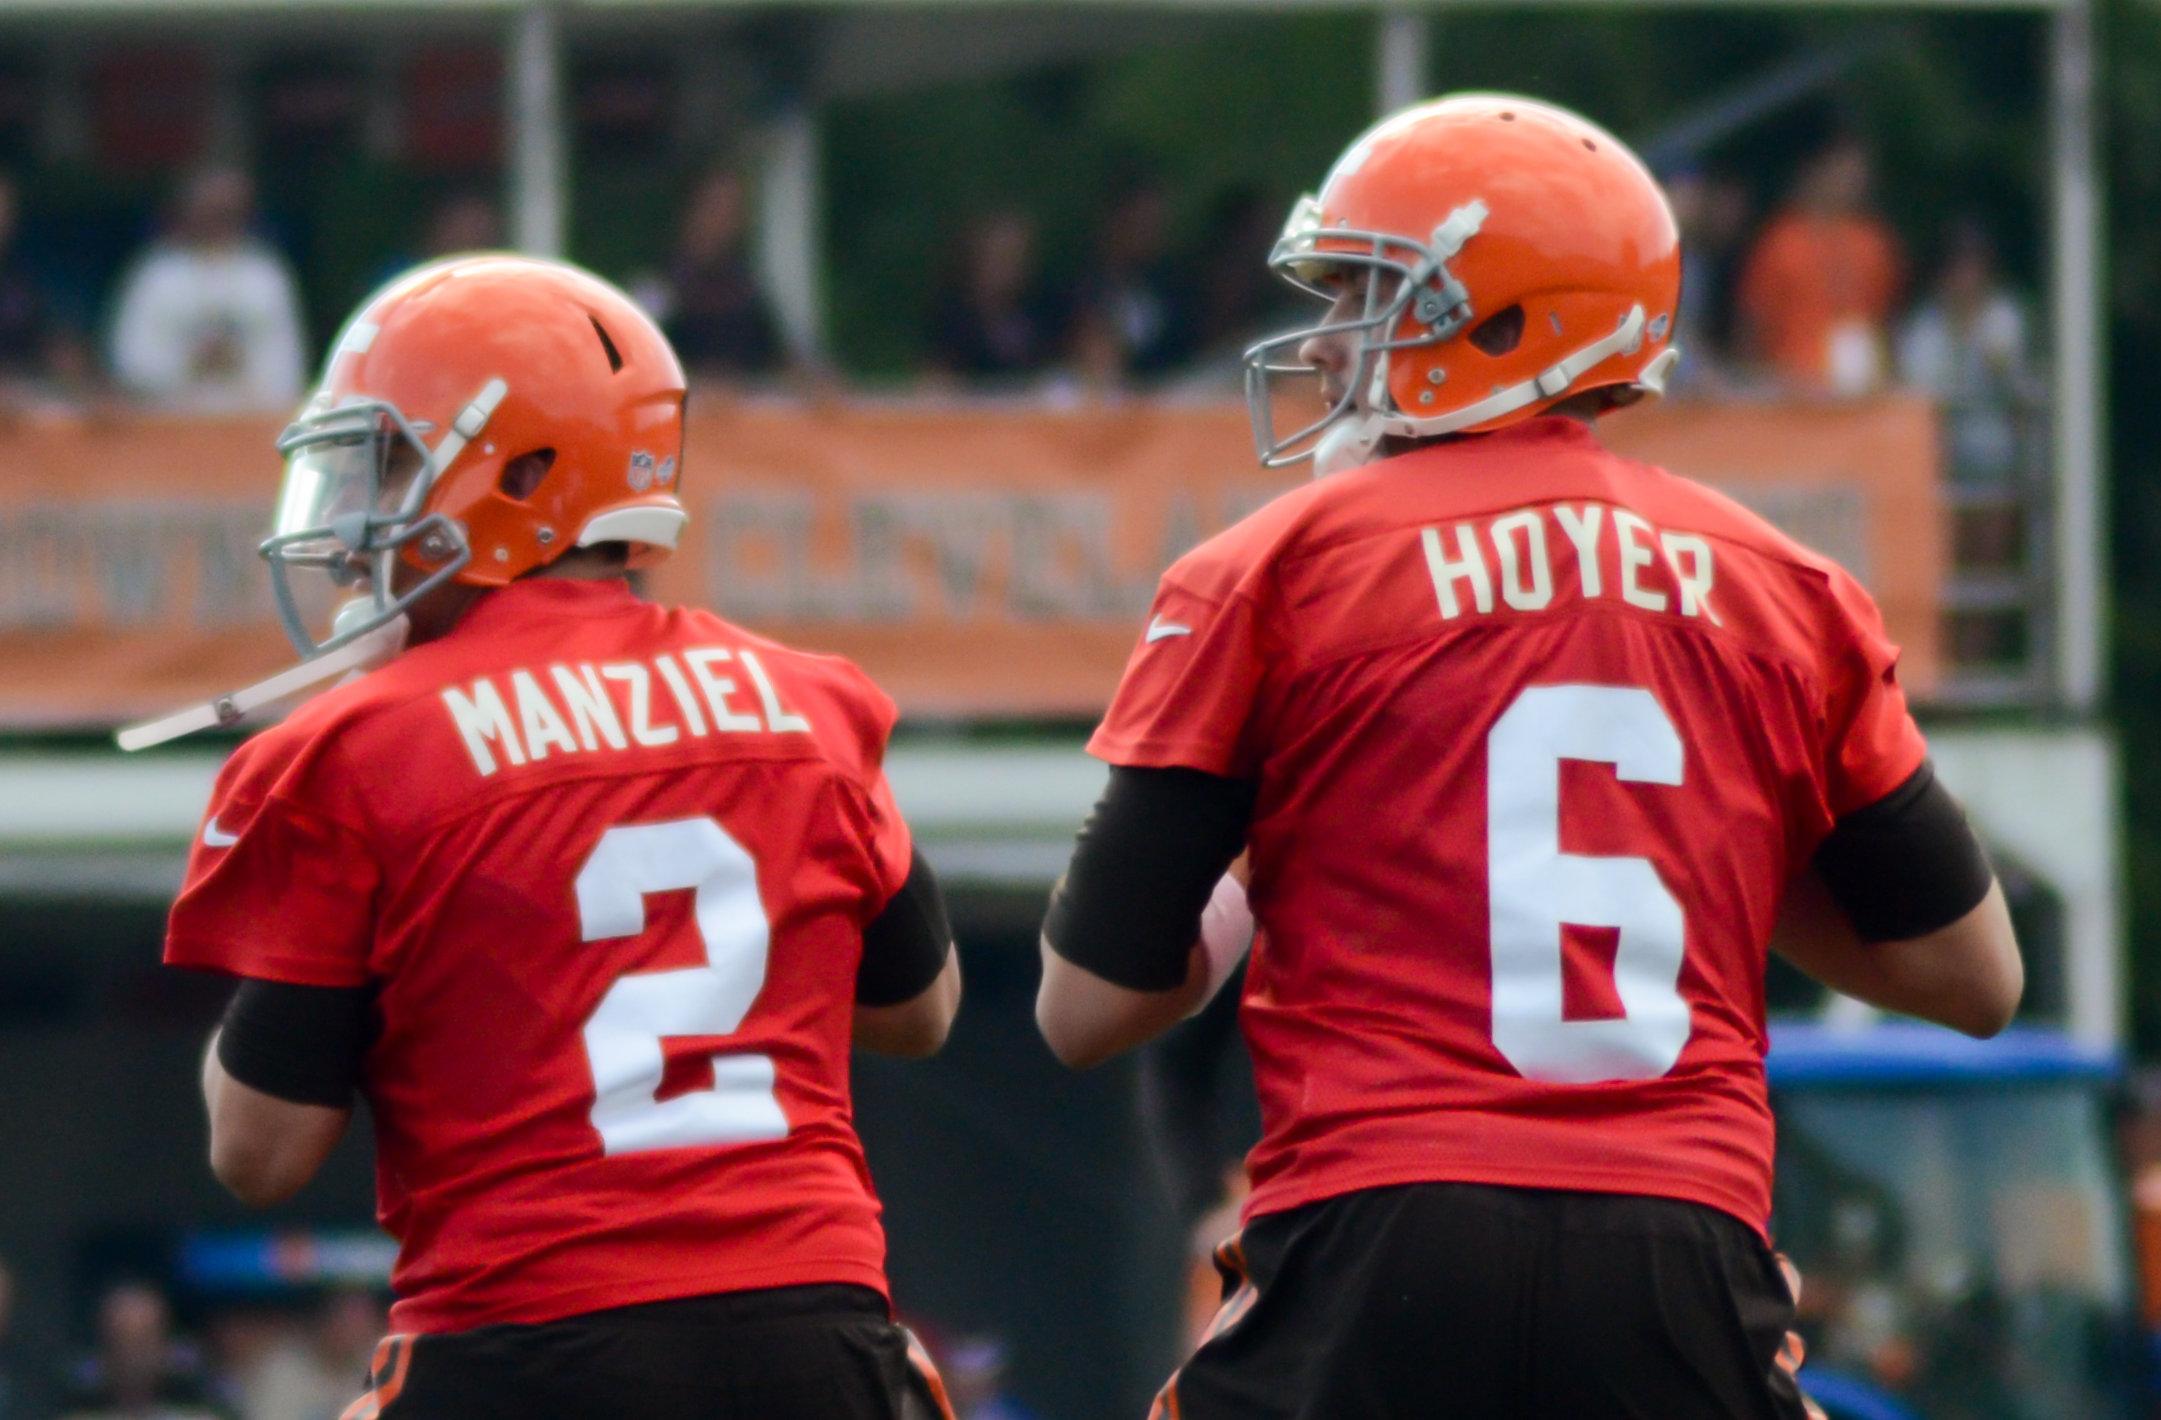 Head to Head: Hoyer vs Manziel